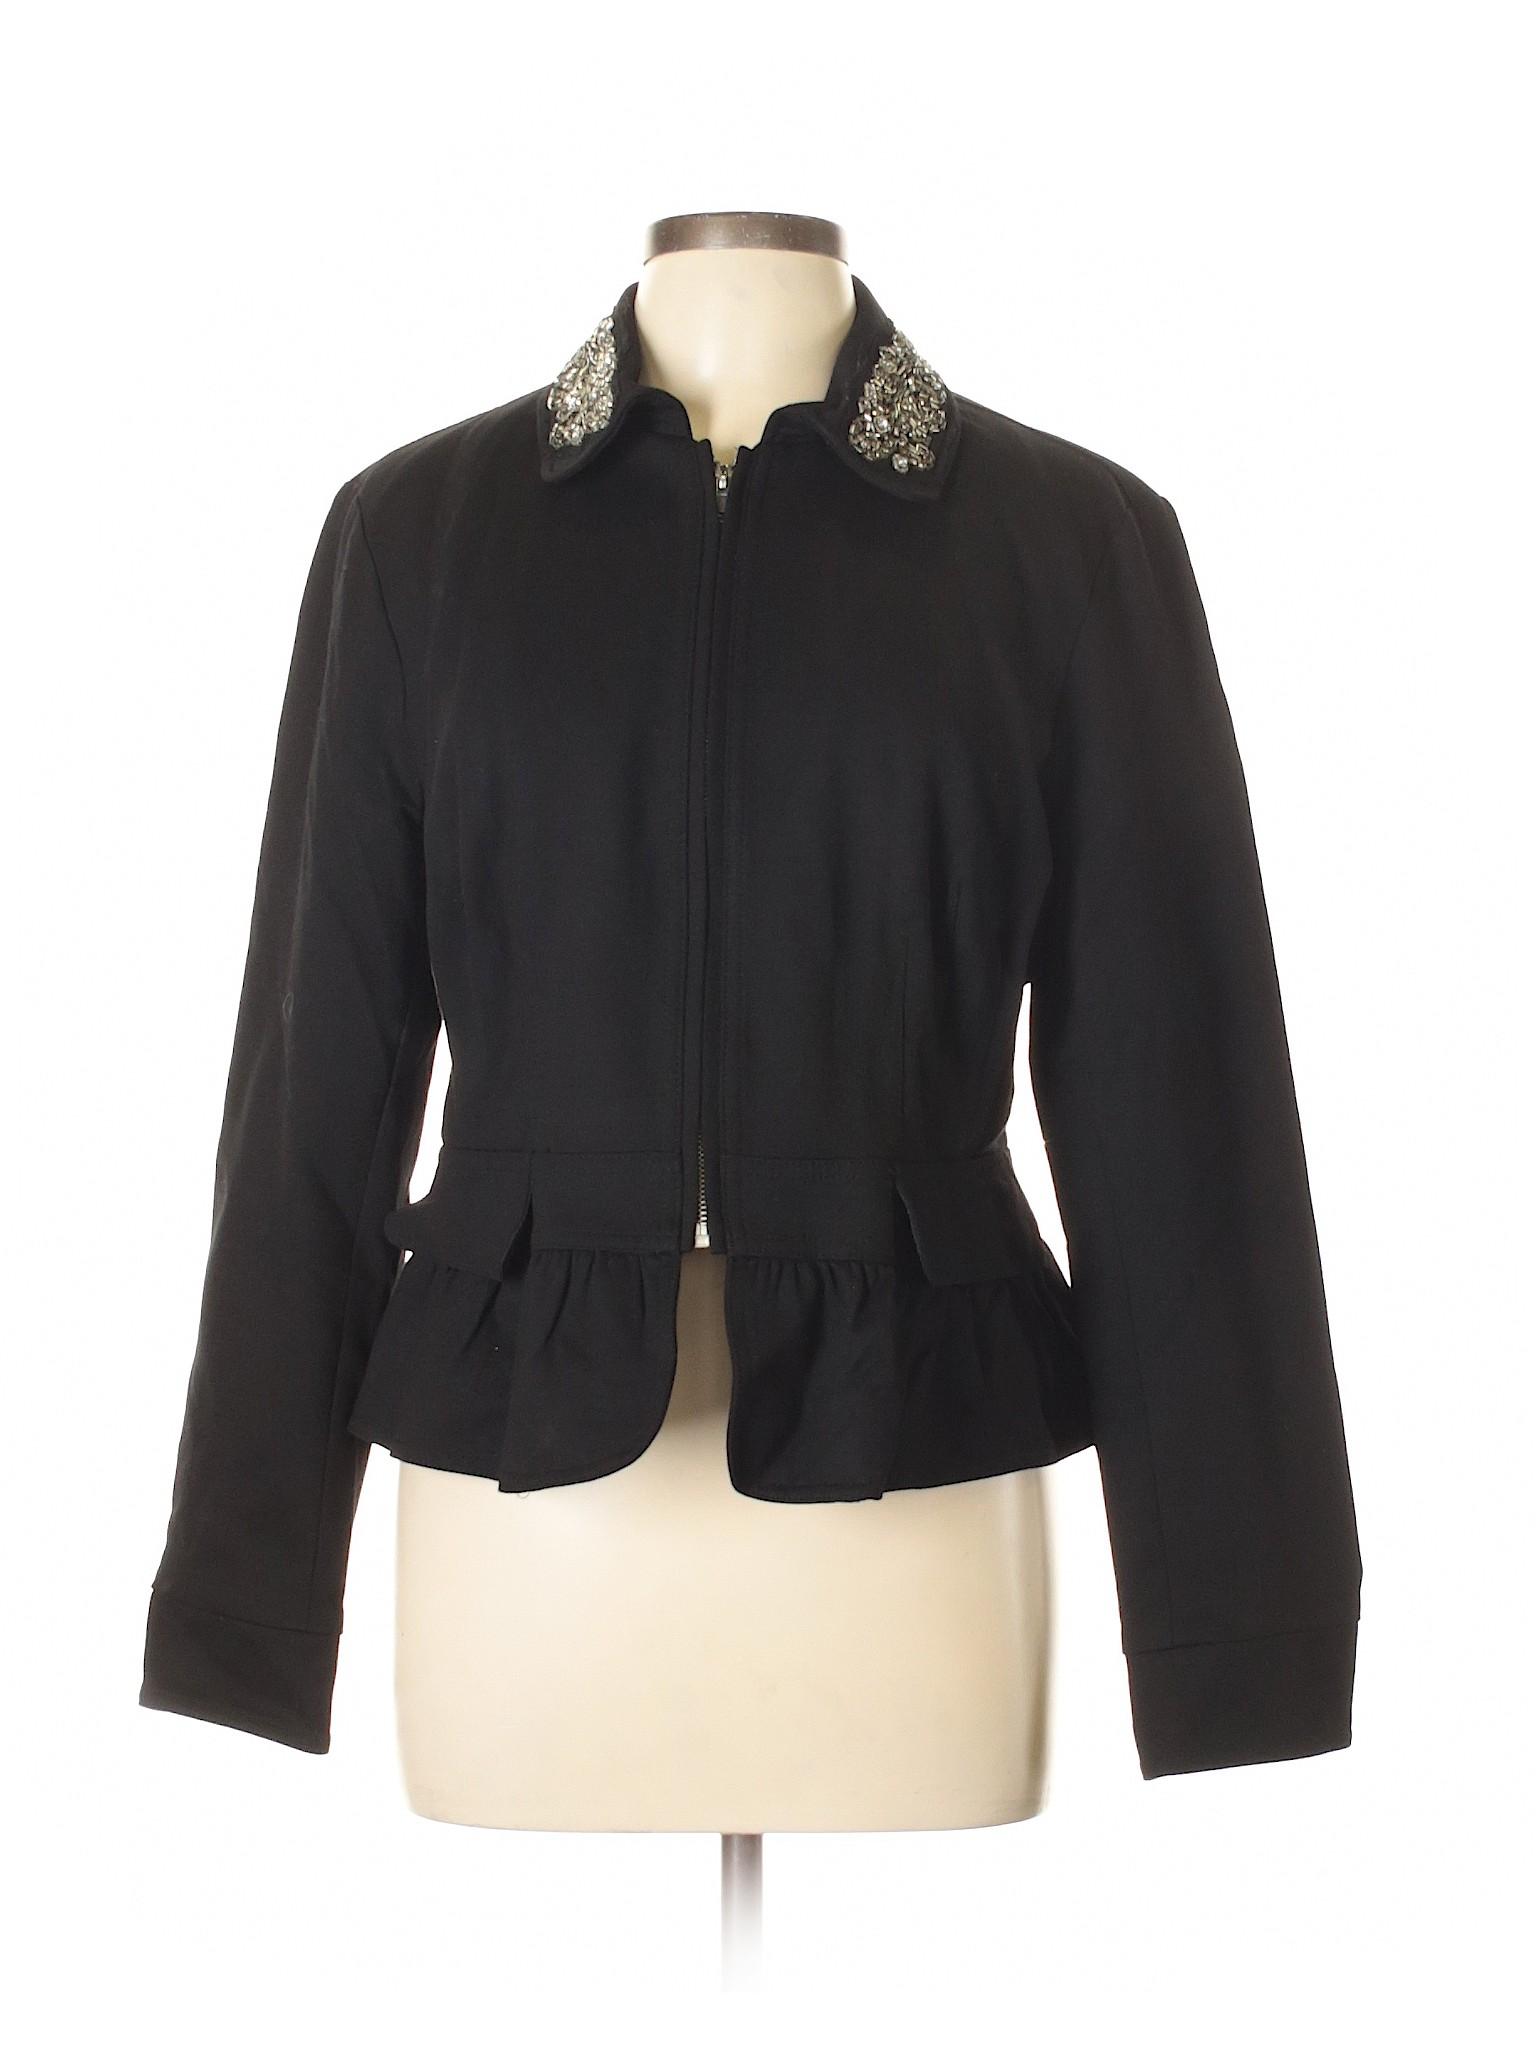 leisure International Boutique Jacket INC Concepts qH0n0d